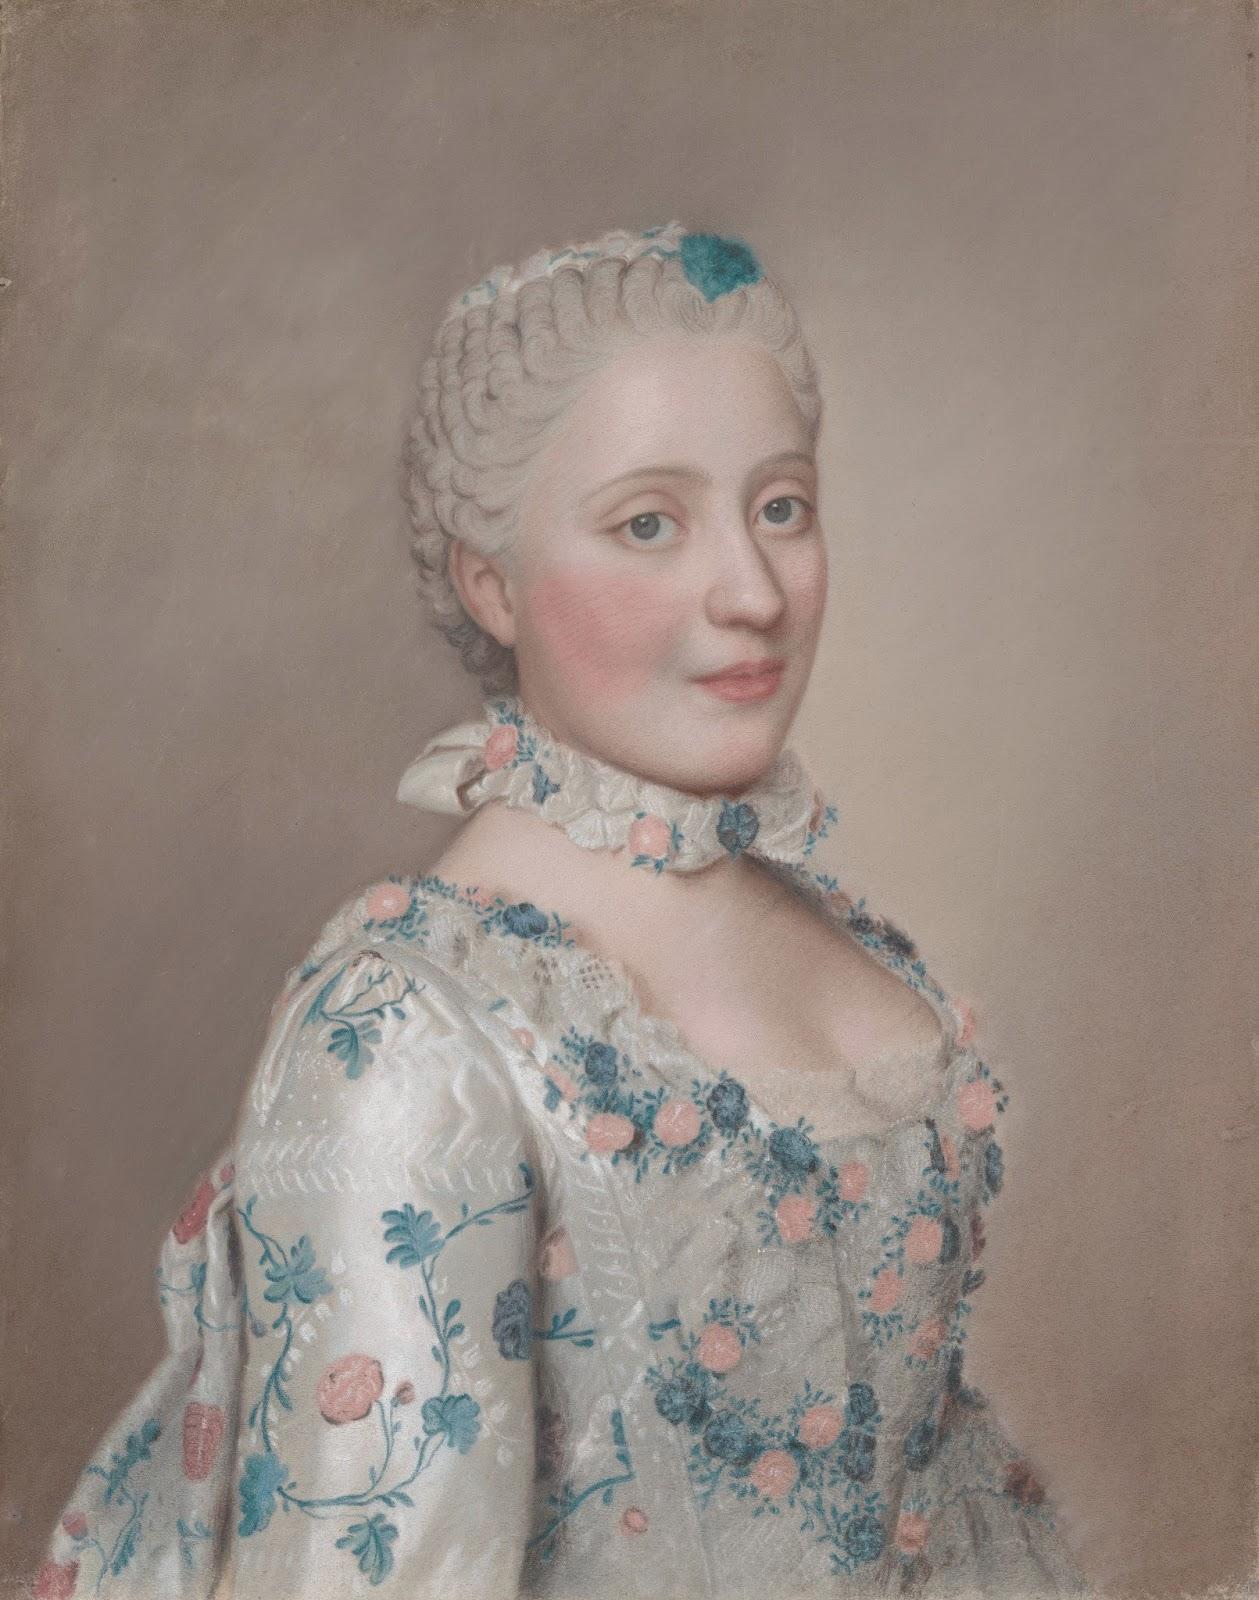 XVIII wiek dla początkujących: najpopularniejsze mity o fryzurach